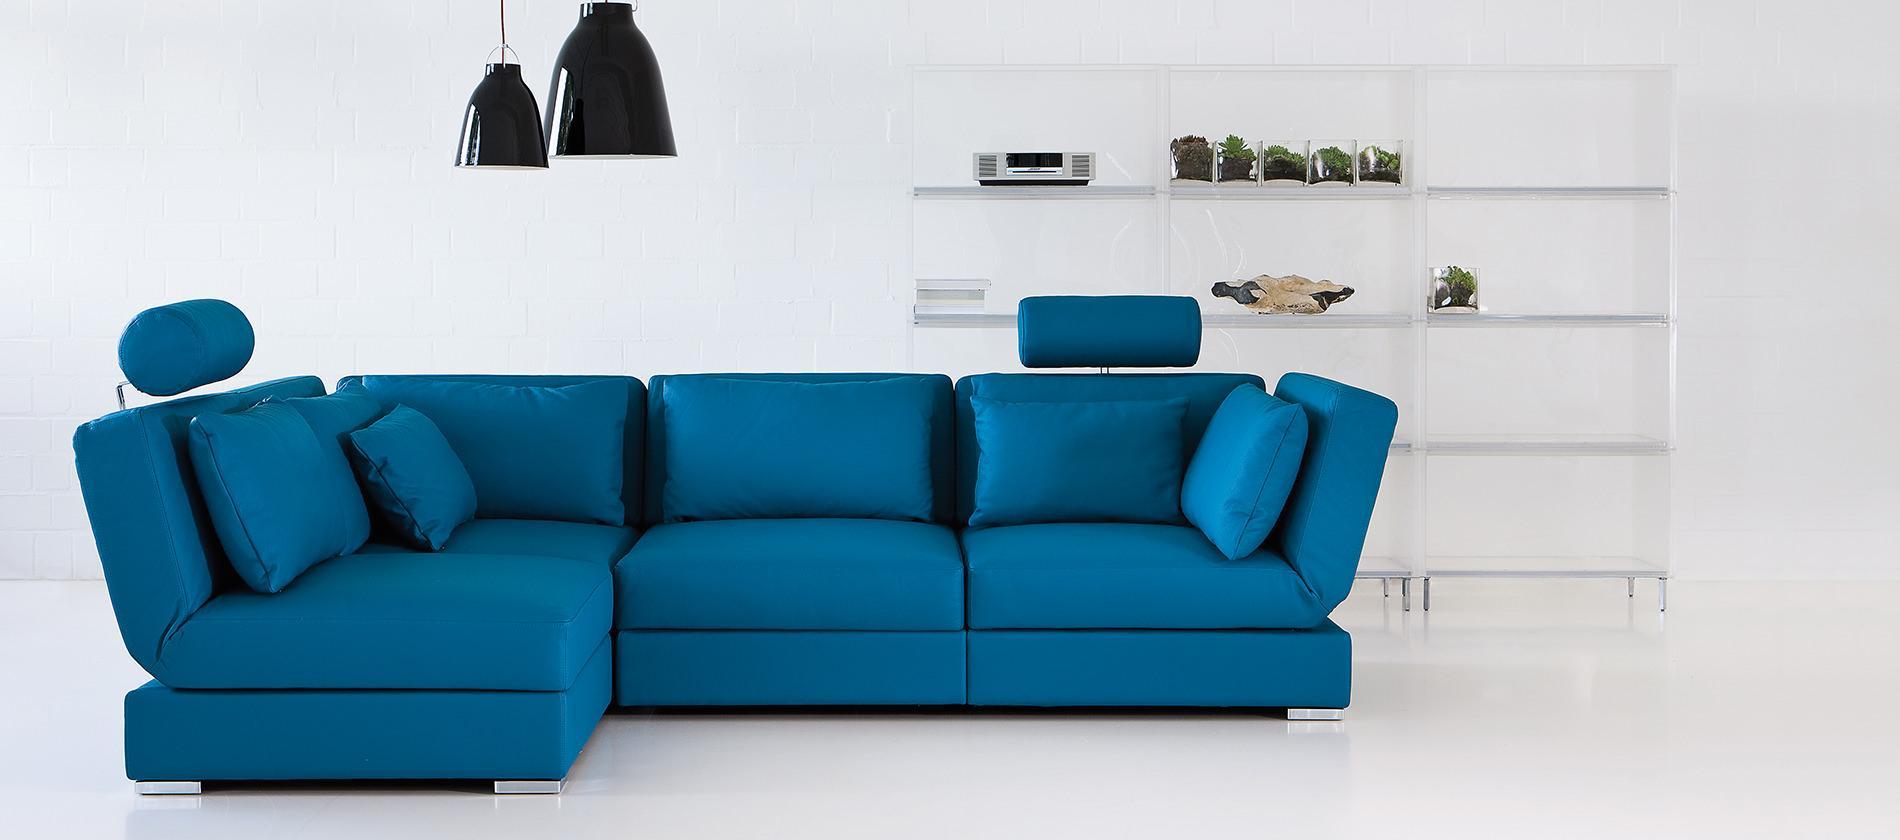 ausgezeichnet polsterm bel hochwertig galerie die besten. Black Bedroom Furniture Sets. Home Design Ideas